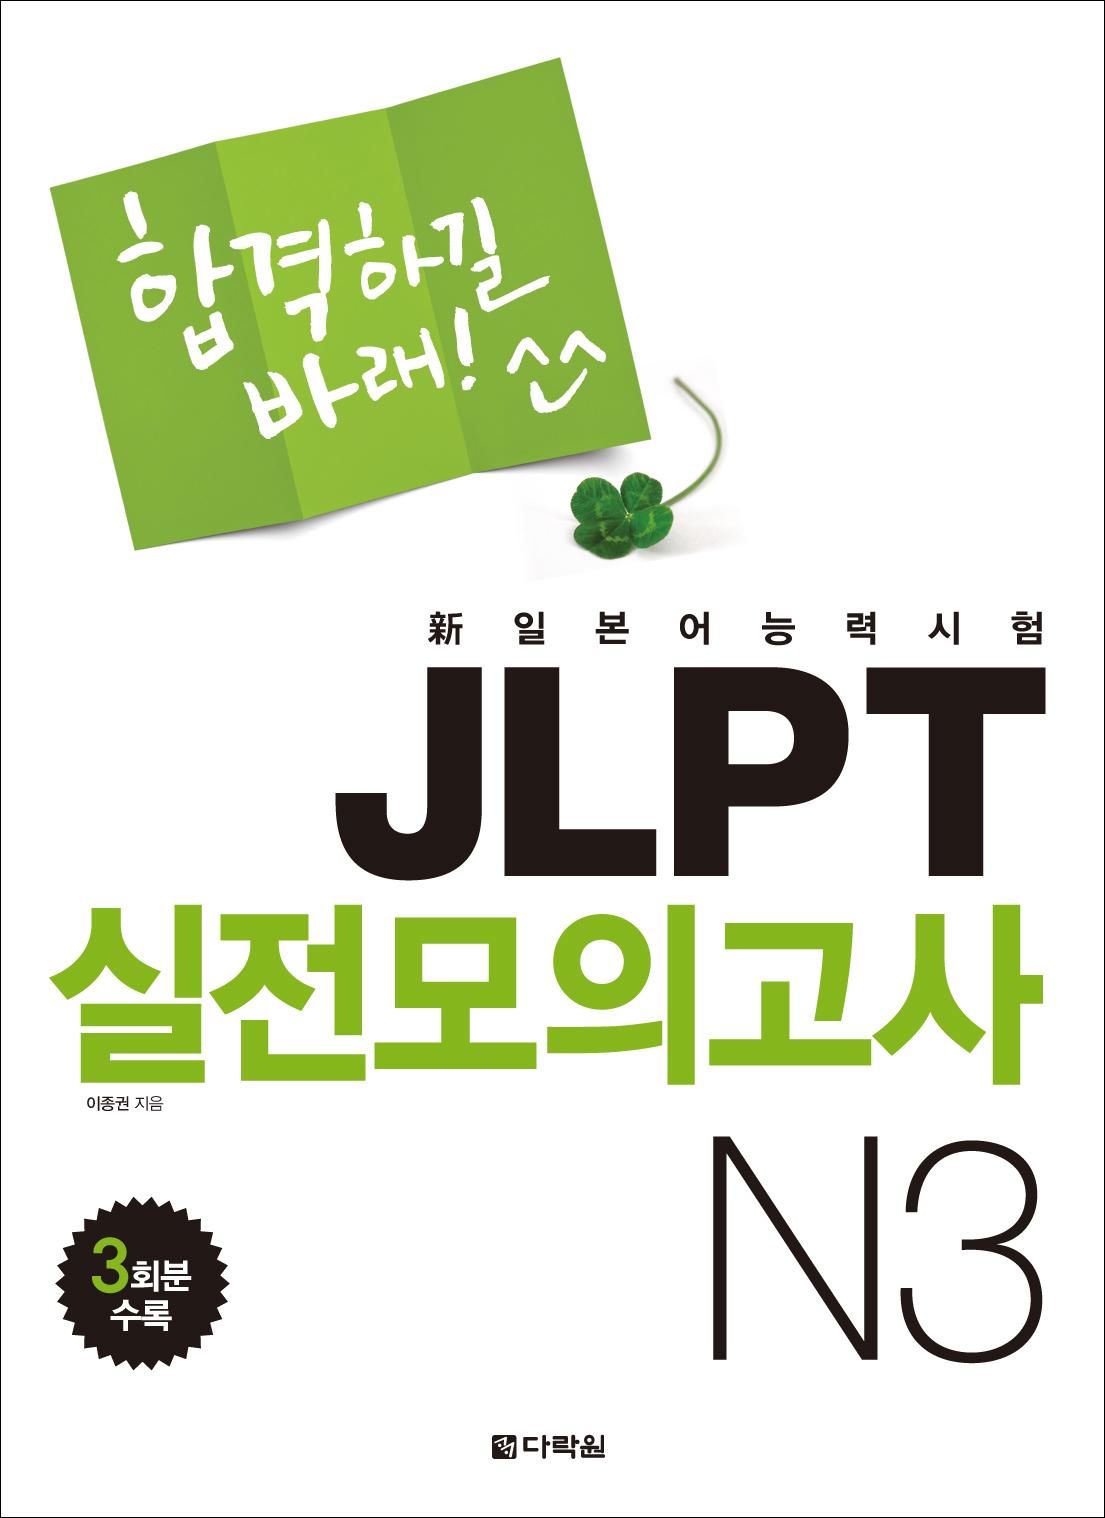 합격하길 바래! JLPT 실전모의고사 N3 [개별문제별 mp3]